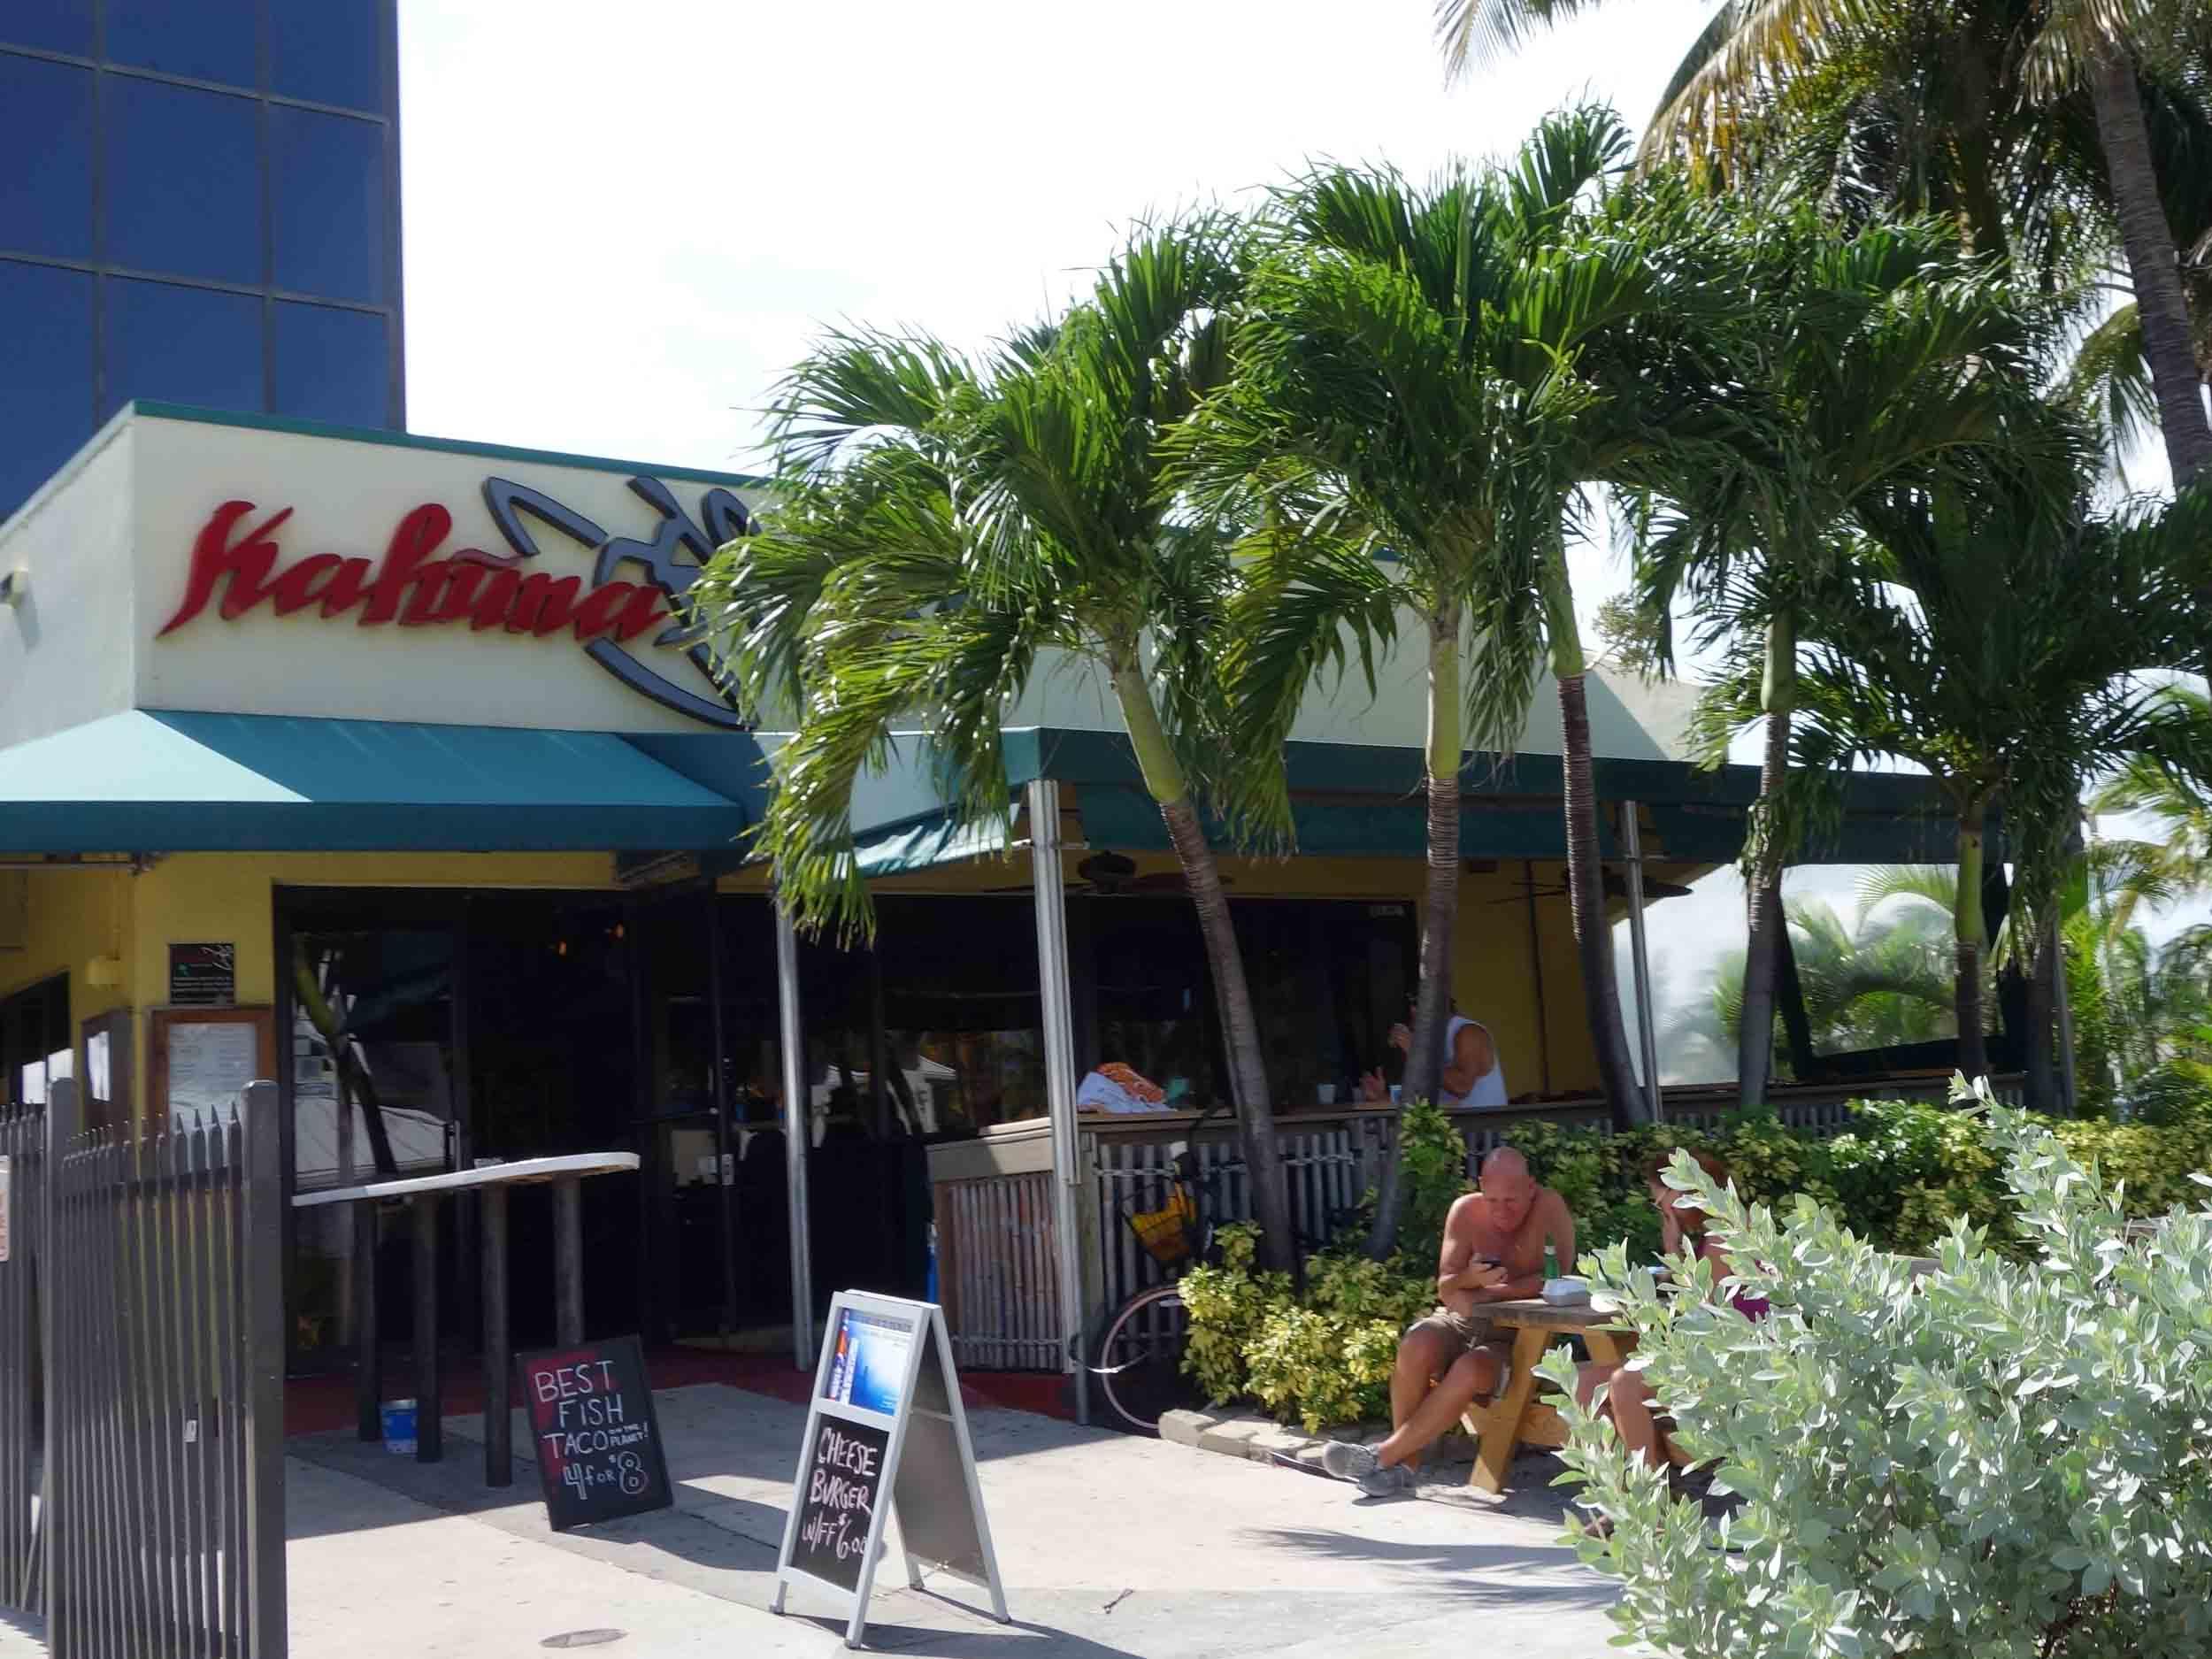 Kahuna Bar and Grill Exterior